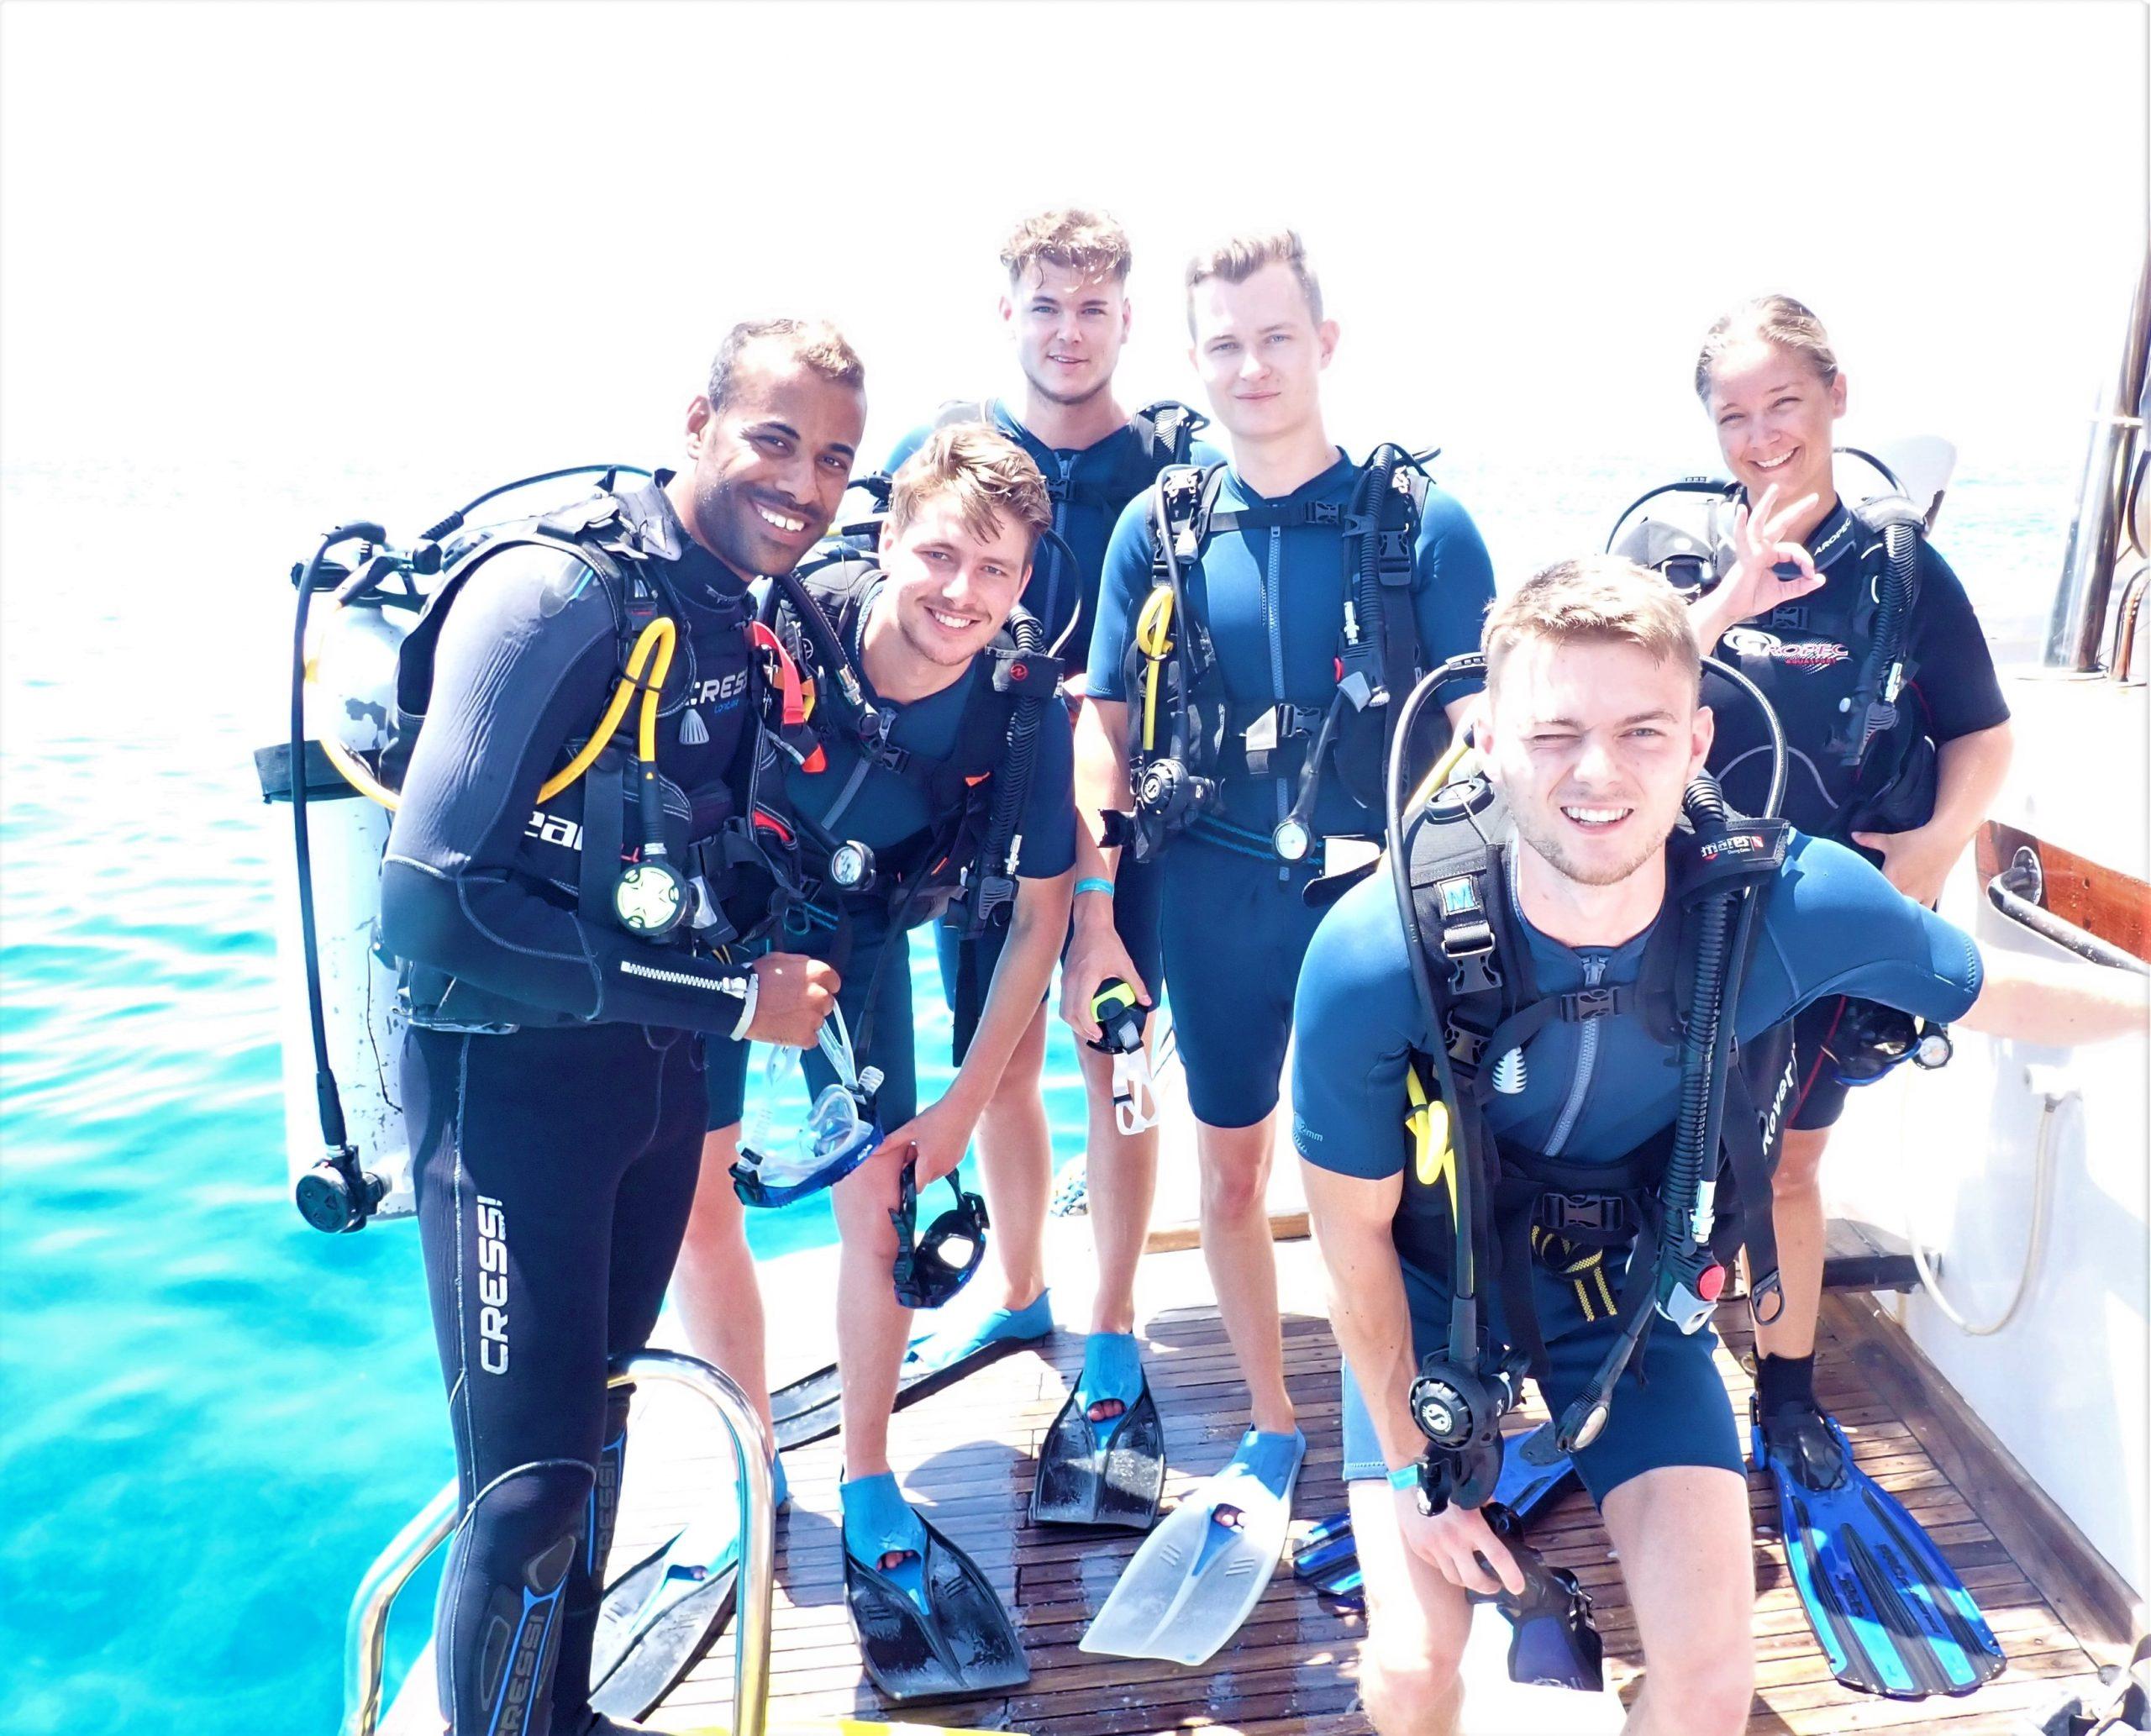 Dag duiken in Hurghada